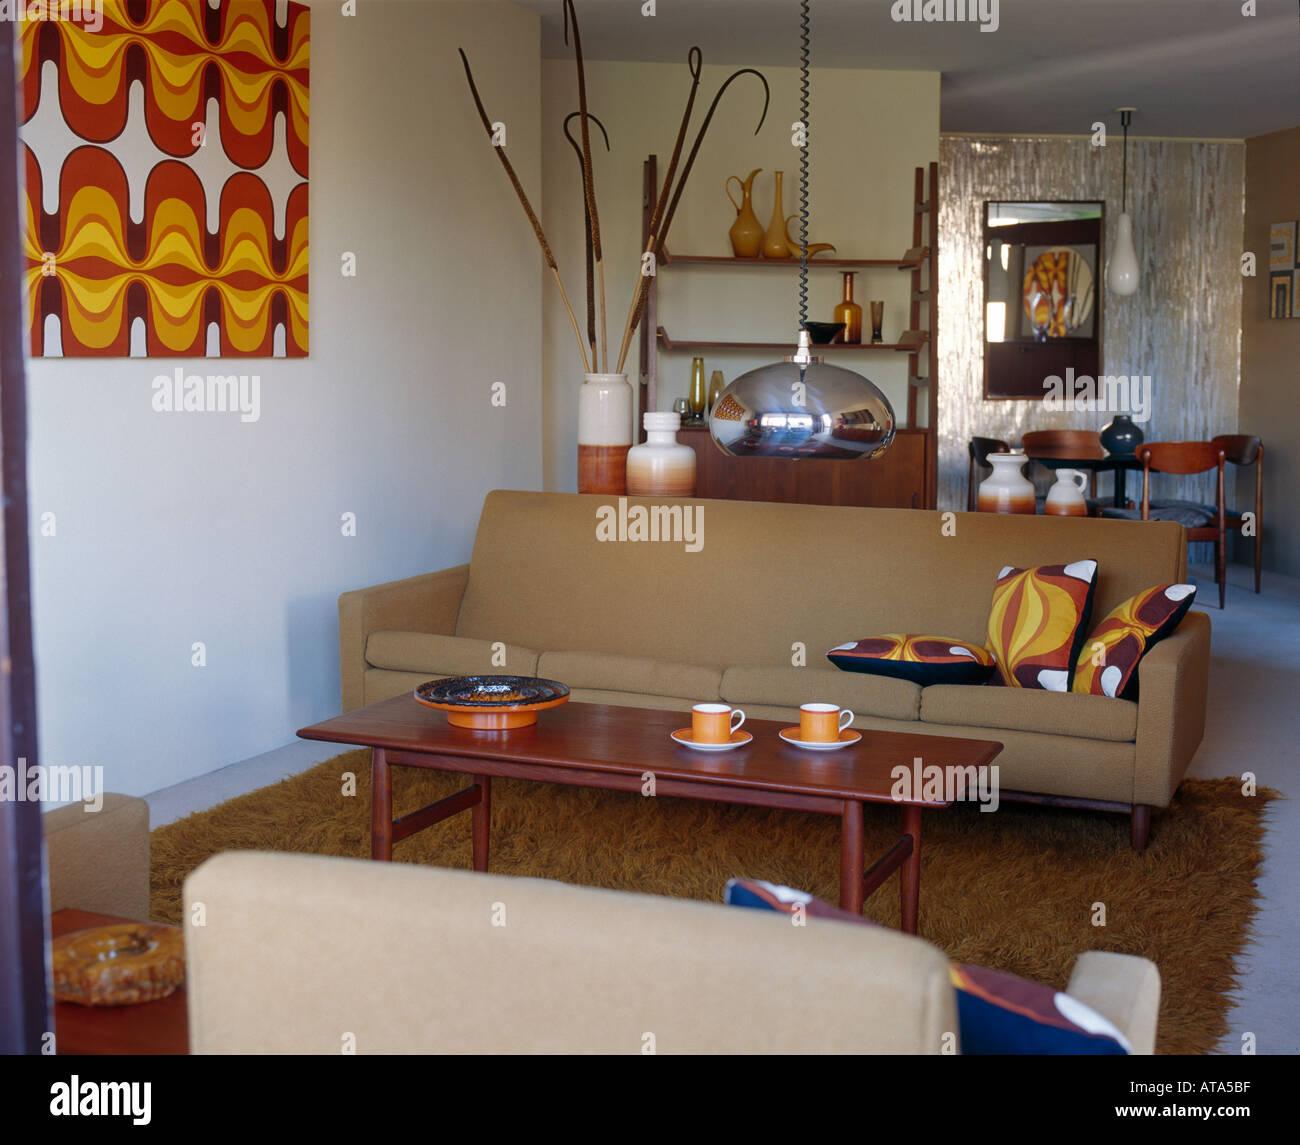 Haus im Retro-Stil in Elizabeth Bay. Wohnzimmer mit Tisch und vier-sitzer-Sofa. Stockbild